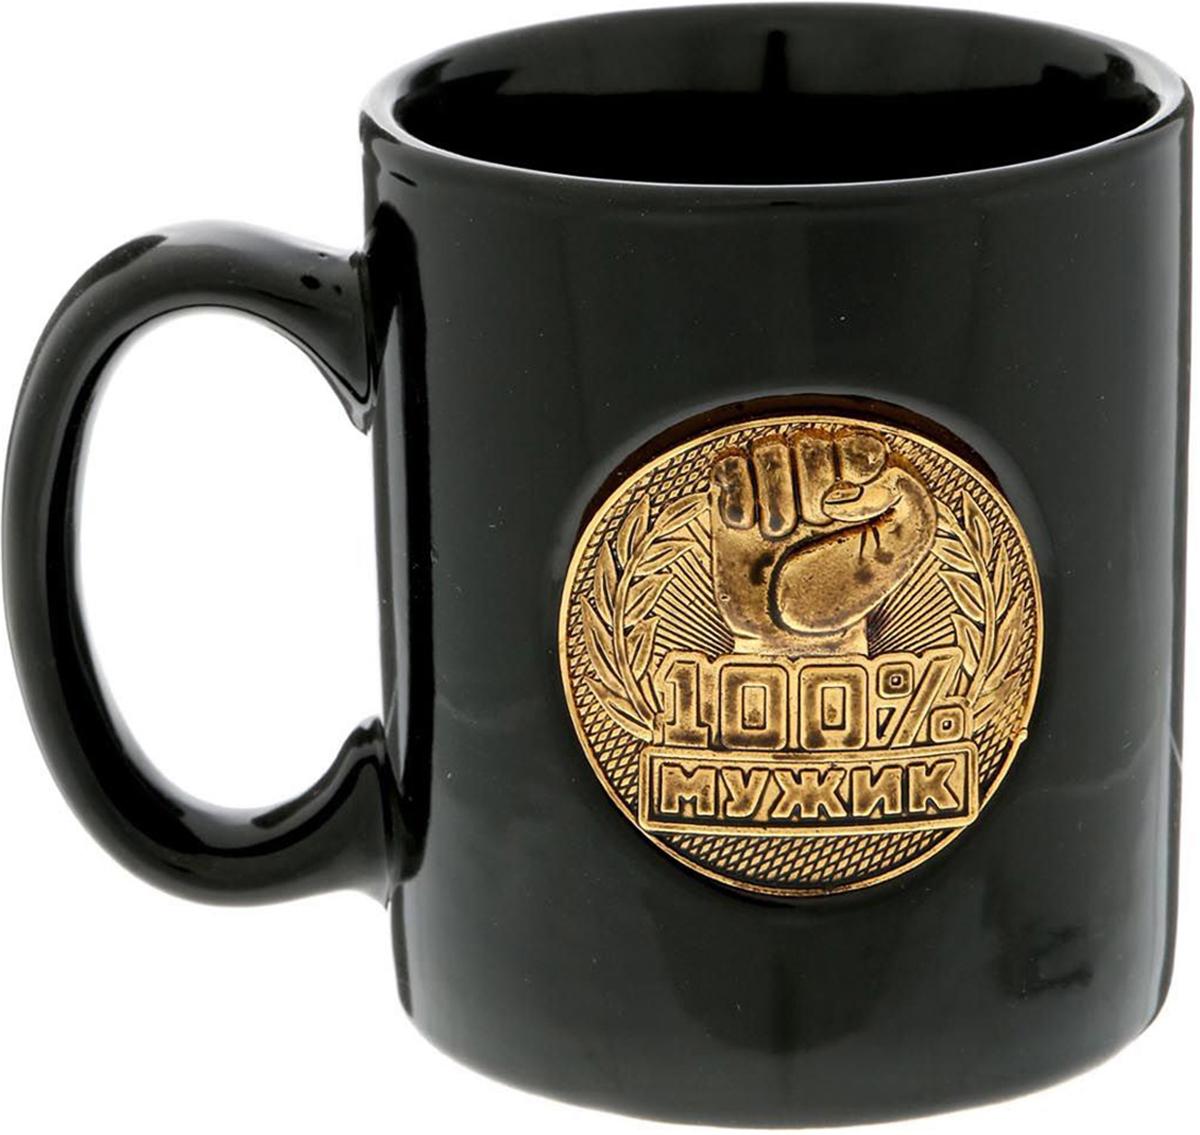 Кружка Sima-Land 100% мужик, цвет: черный, золотой, 300 мл. 15076721507672Разберись с жаждой по-мужски! Авторский дизайн, оригинальный декор, оптимальный объем - отличительные черты этой кружки. Налейте в нее горячий свежезаваренный кофе или крепкий ароматный чай, и каждый глоток будет сокрушительным ударом по врагам: сонливости, вялости и апатии! Изделие упаковано в подарочную картонную коробку.